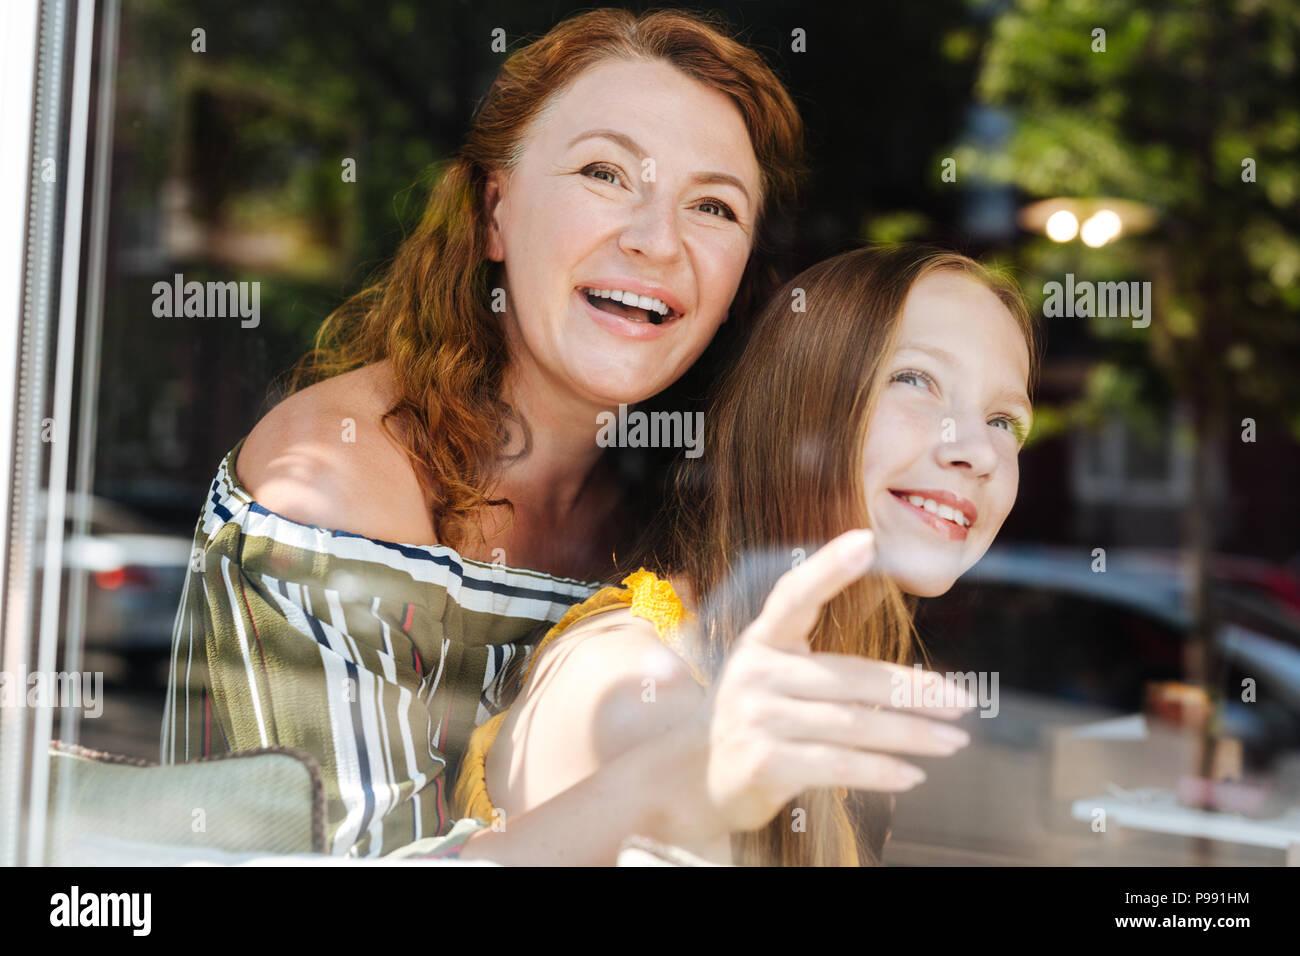 Cuidando la transmisión madre abrazando a su hija atractiva Imagen De Stock